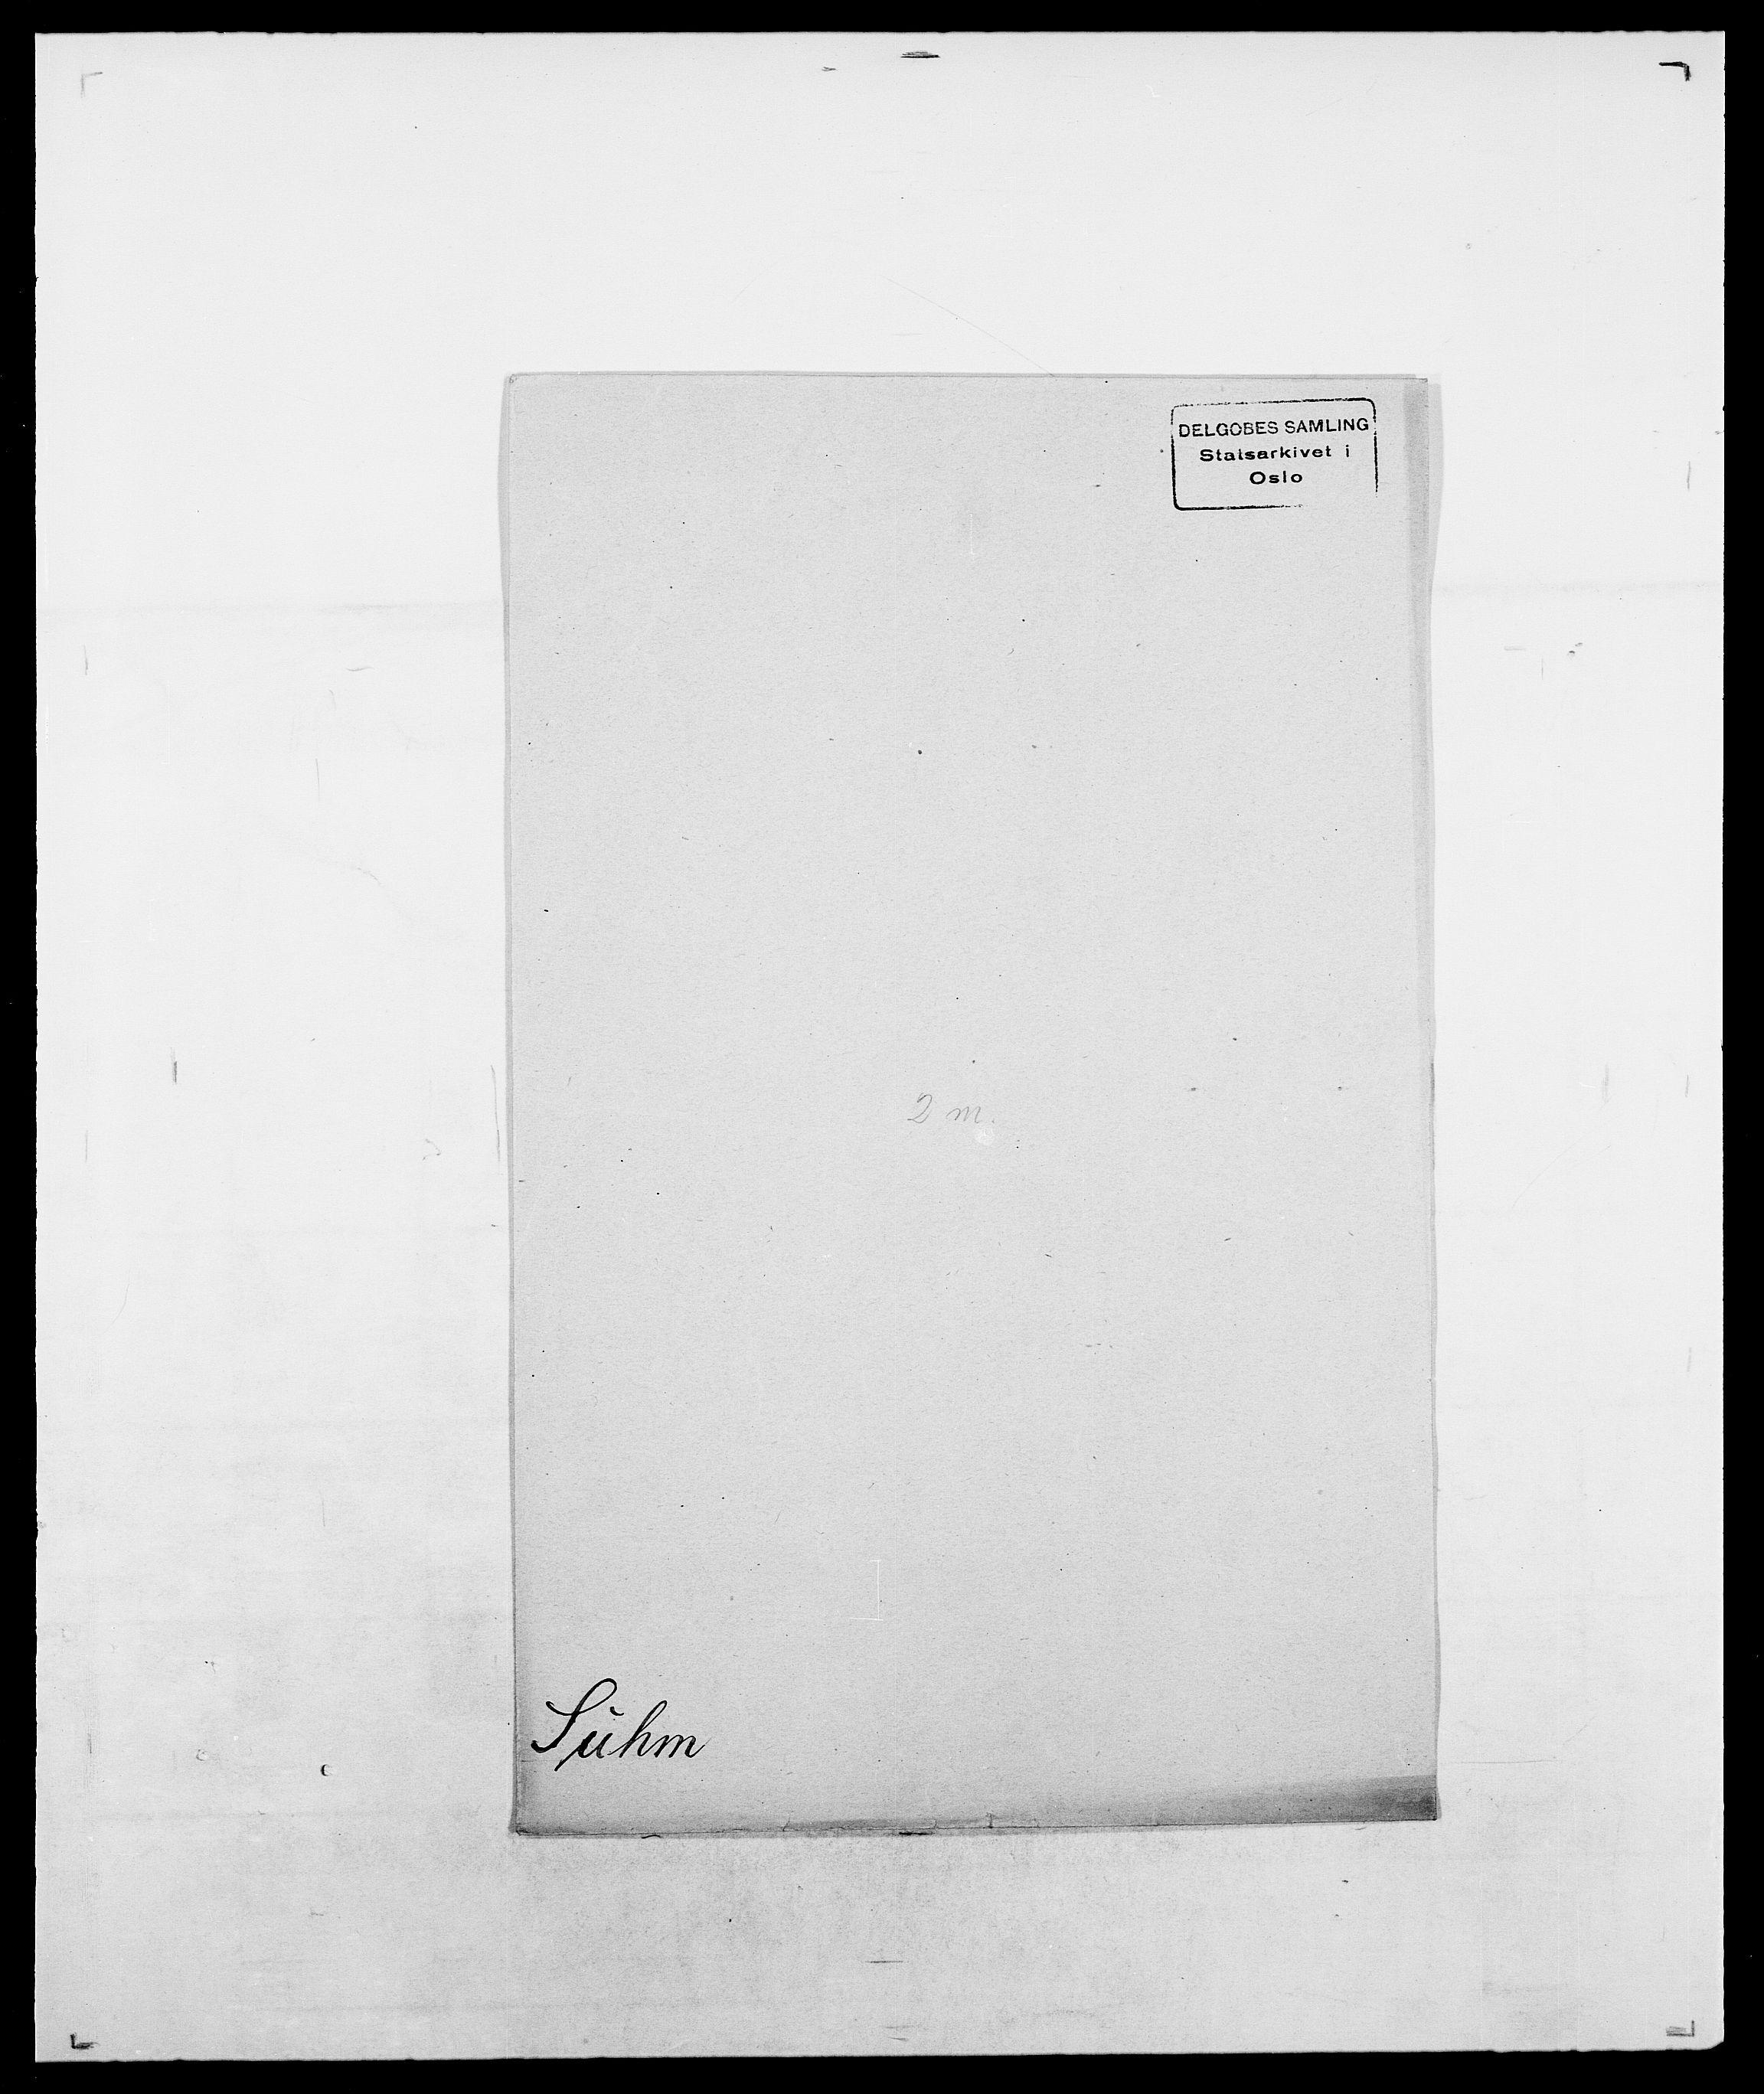 SAO, Delgobe, Charles Antoine - samling, D/Da/L0037: Steen, Sthen, Stein - Svare, Svanige, Svanne, se også Svanning og Schwane, s. 887